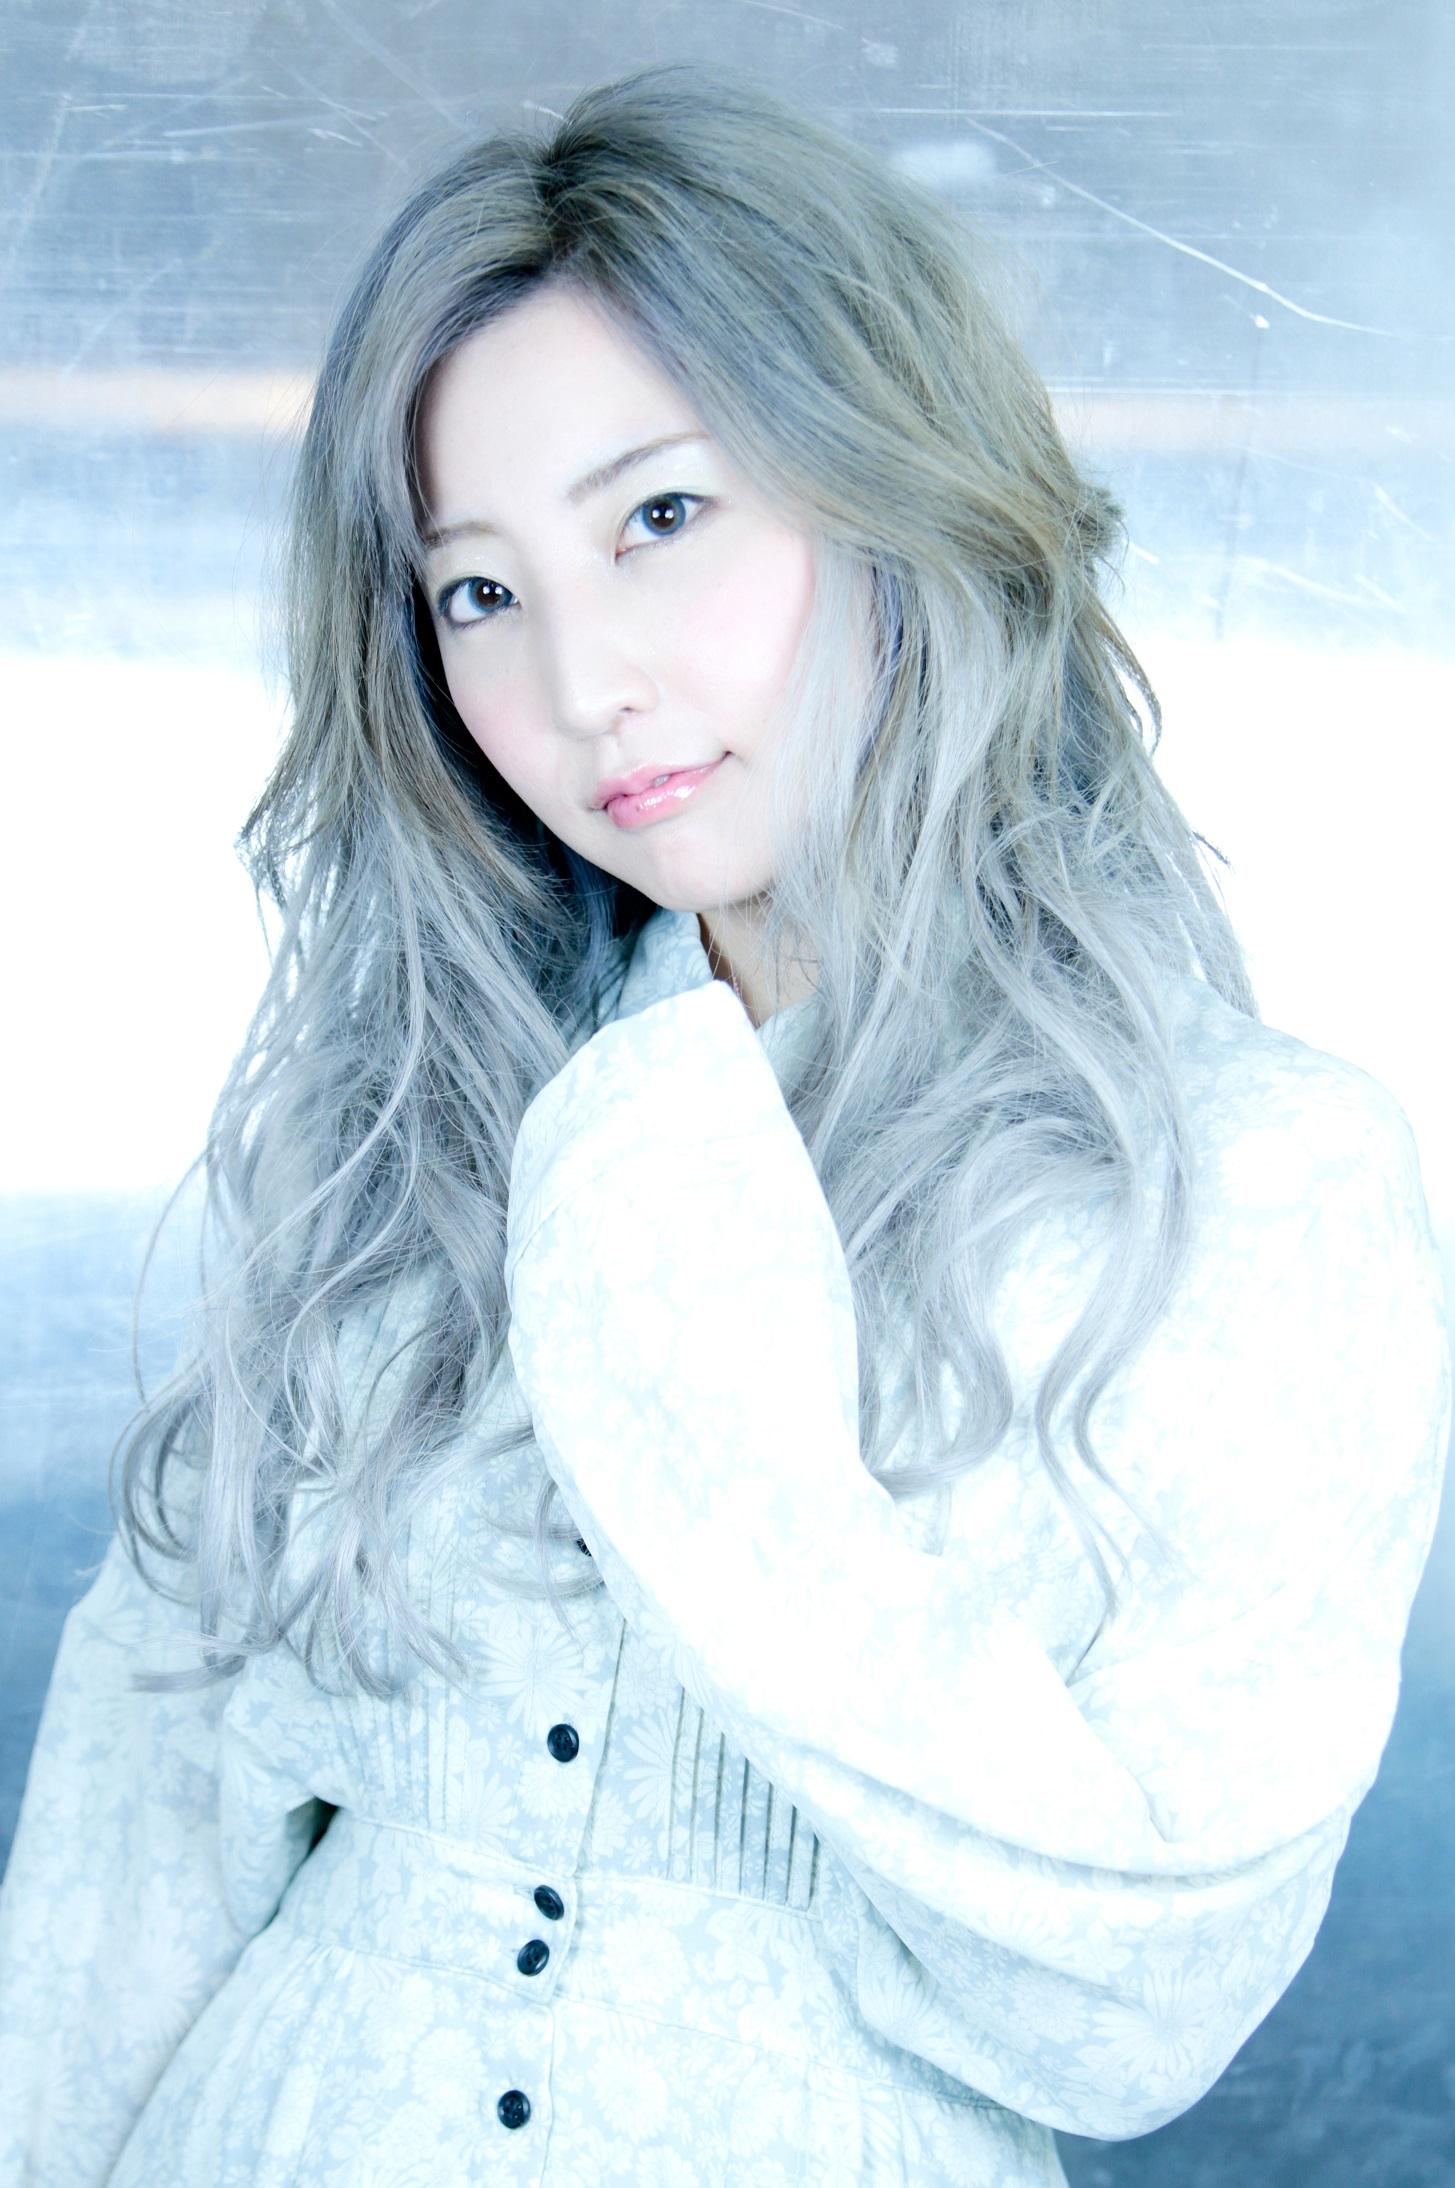 水湊いづき『Good bye silent』CDリリース記念&れみふぁ#『永遠求ム』CDリリース決定ライブ